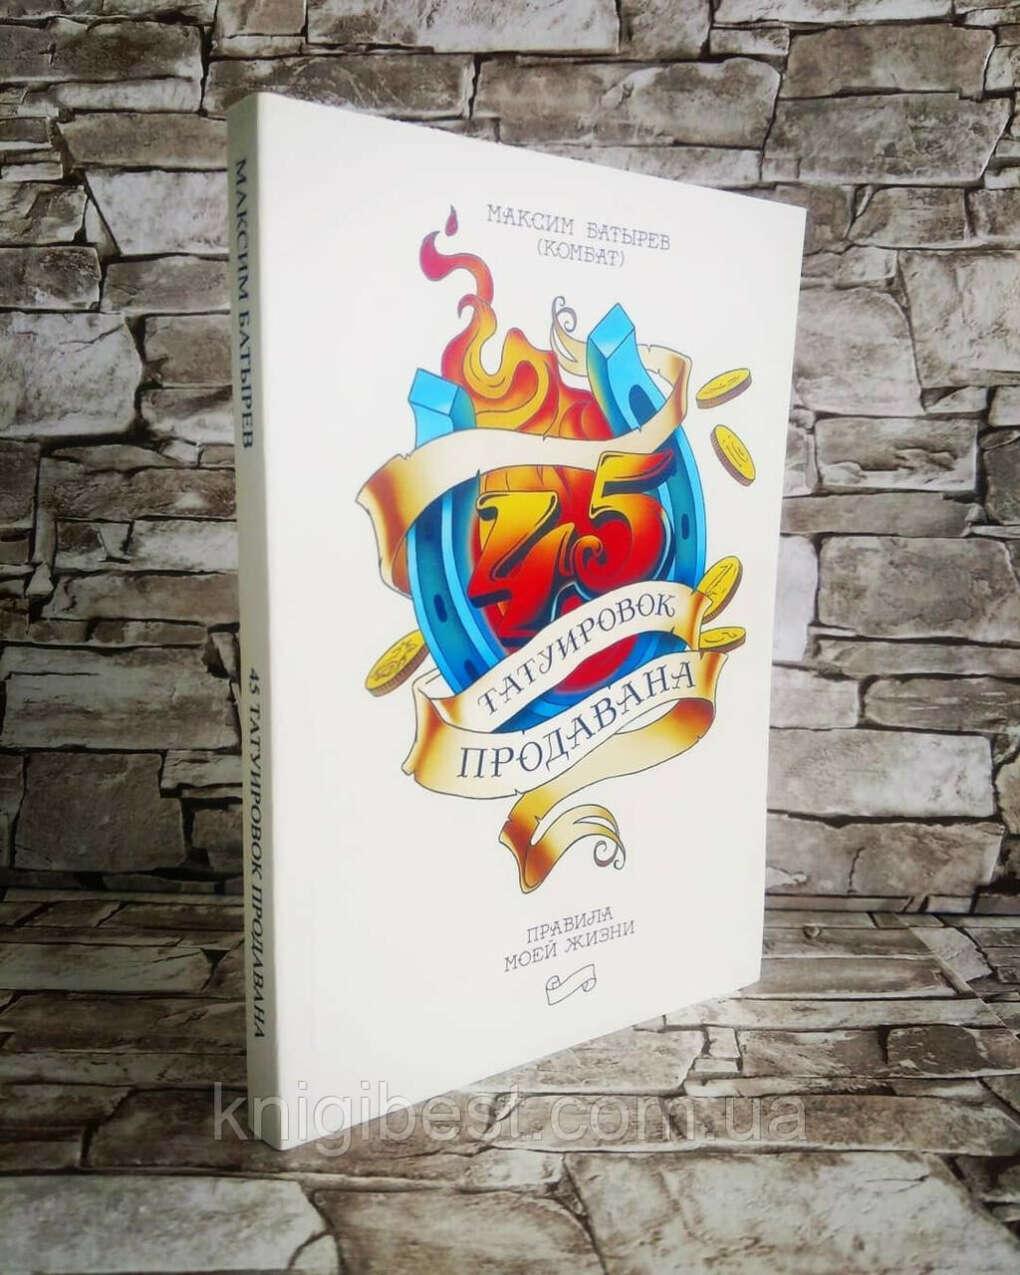 """Книга """"45 татуировок продавана. Правила для тех, кто продает и управляет продажами""""  Максим Батырев: продажа, цена в Киеве. художественная литература от """"Книжный интернет-магазин """"BestBook""""  Наш instagram  -  @knigi_best """" -"""